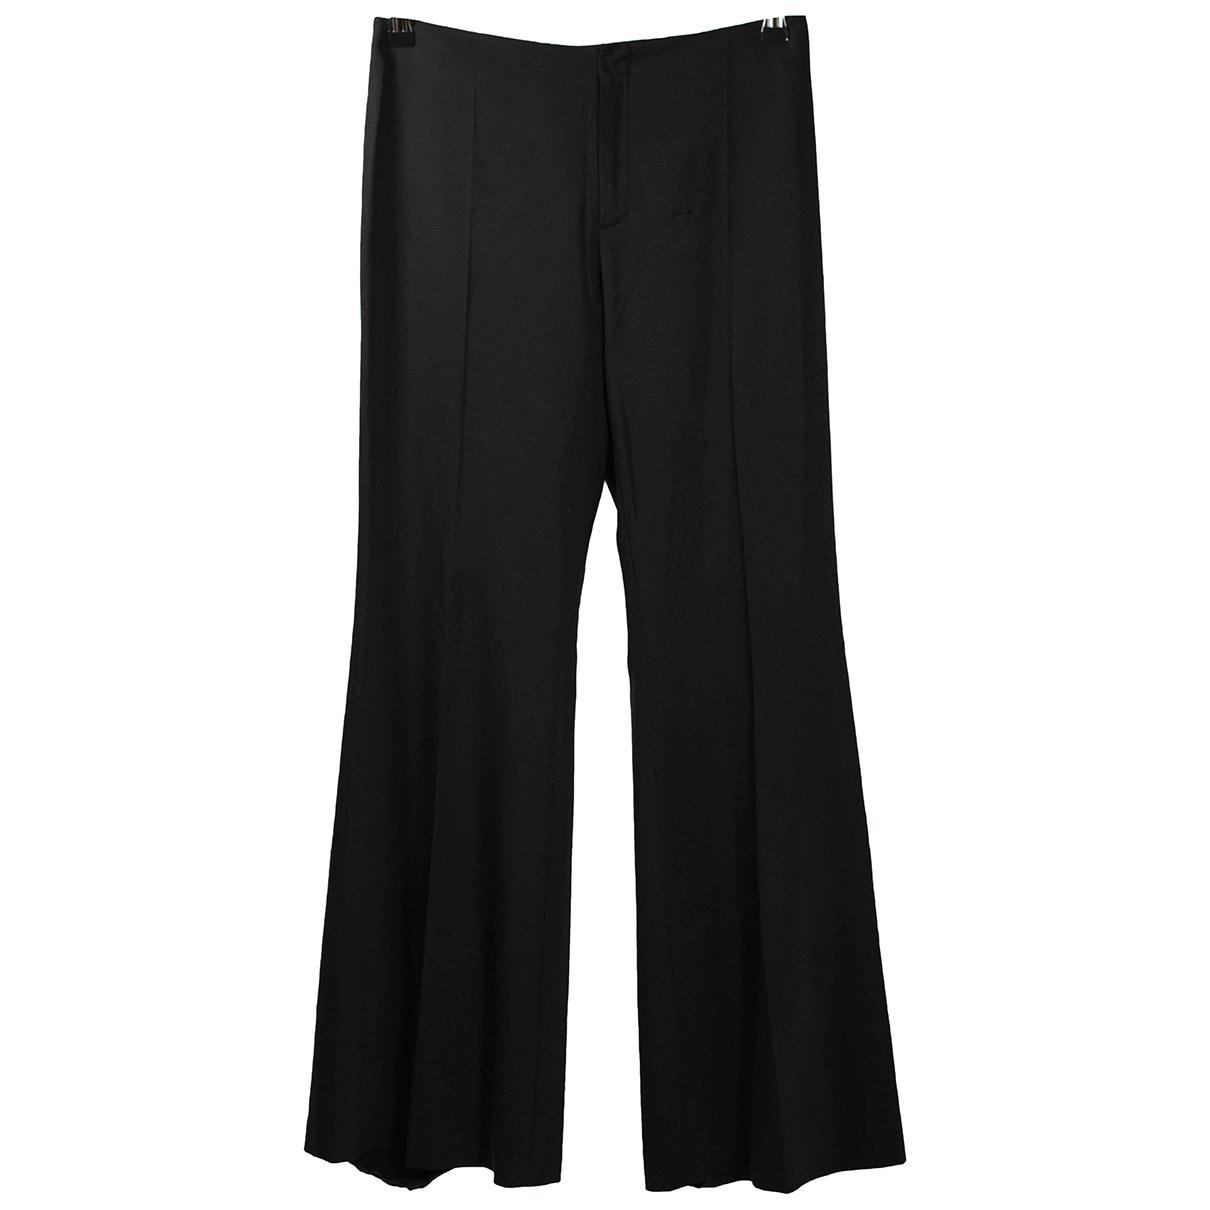 Pantalon largo de Lana Joseph